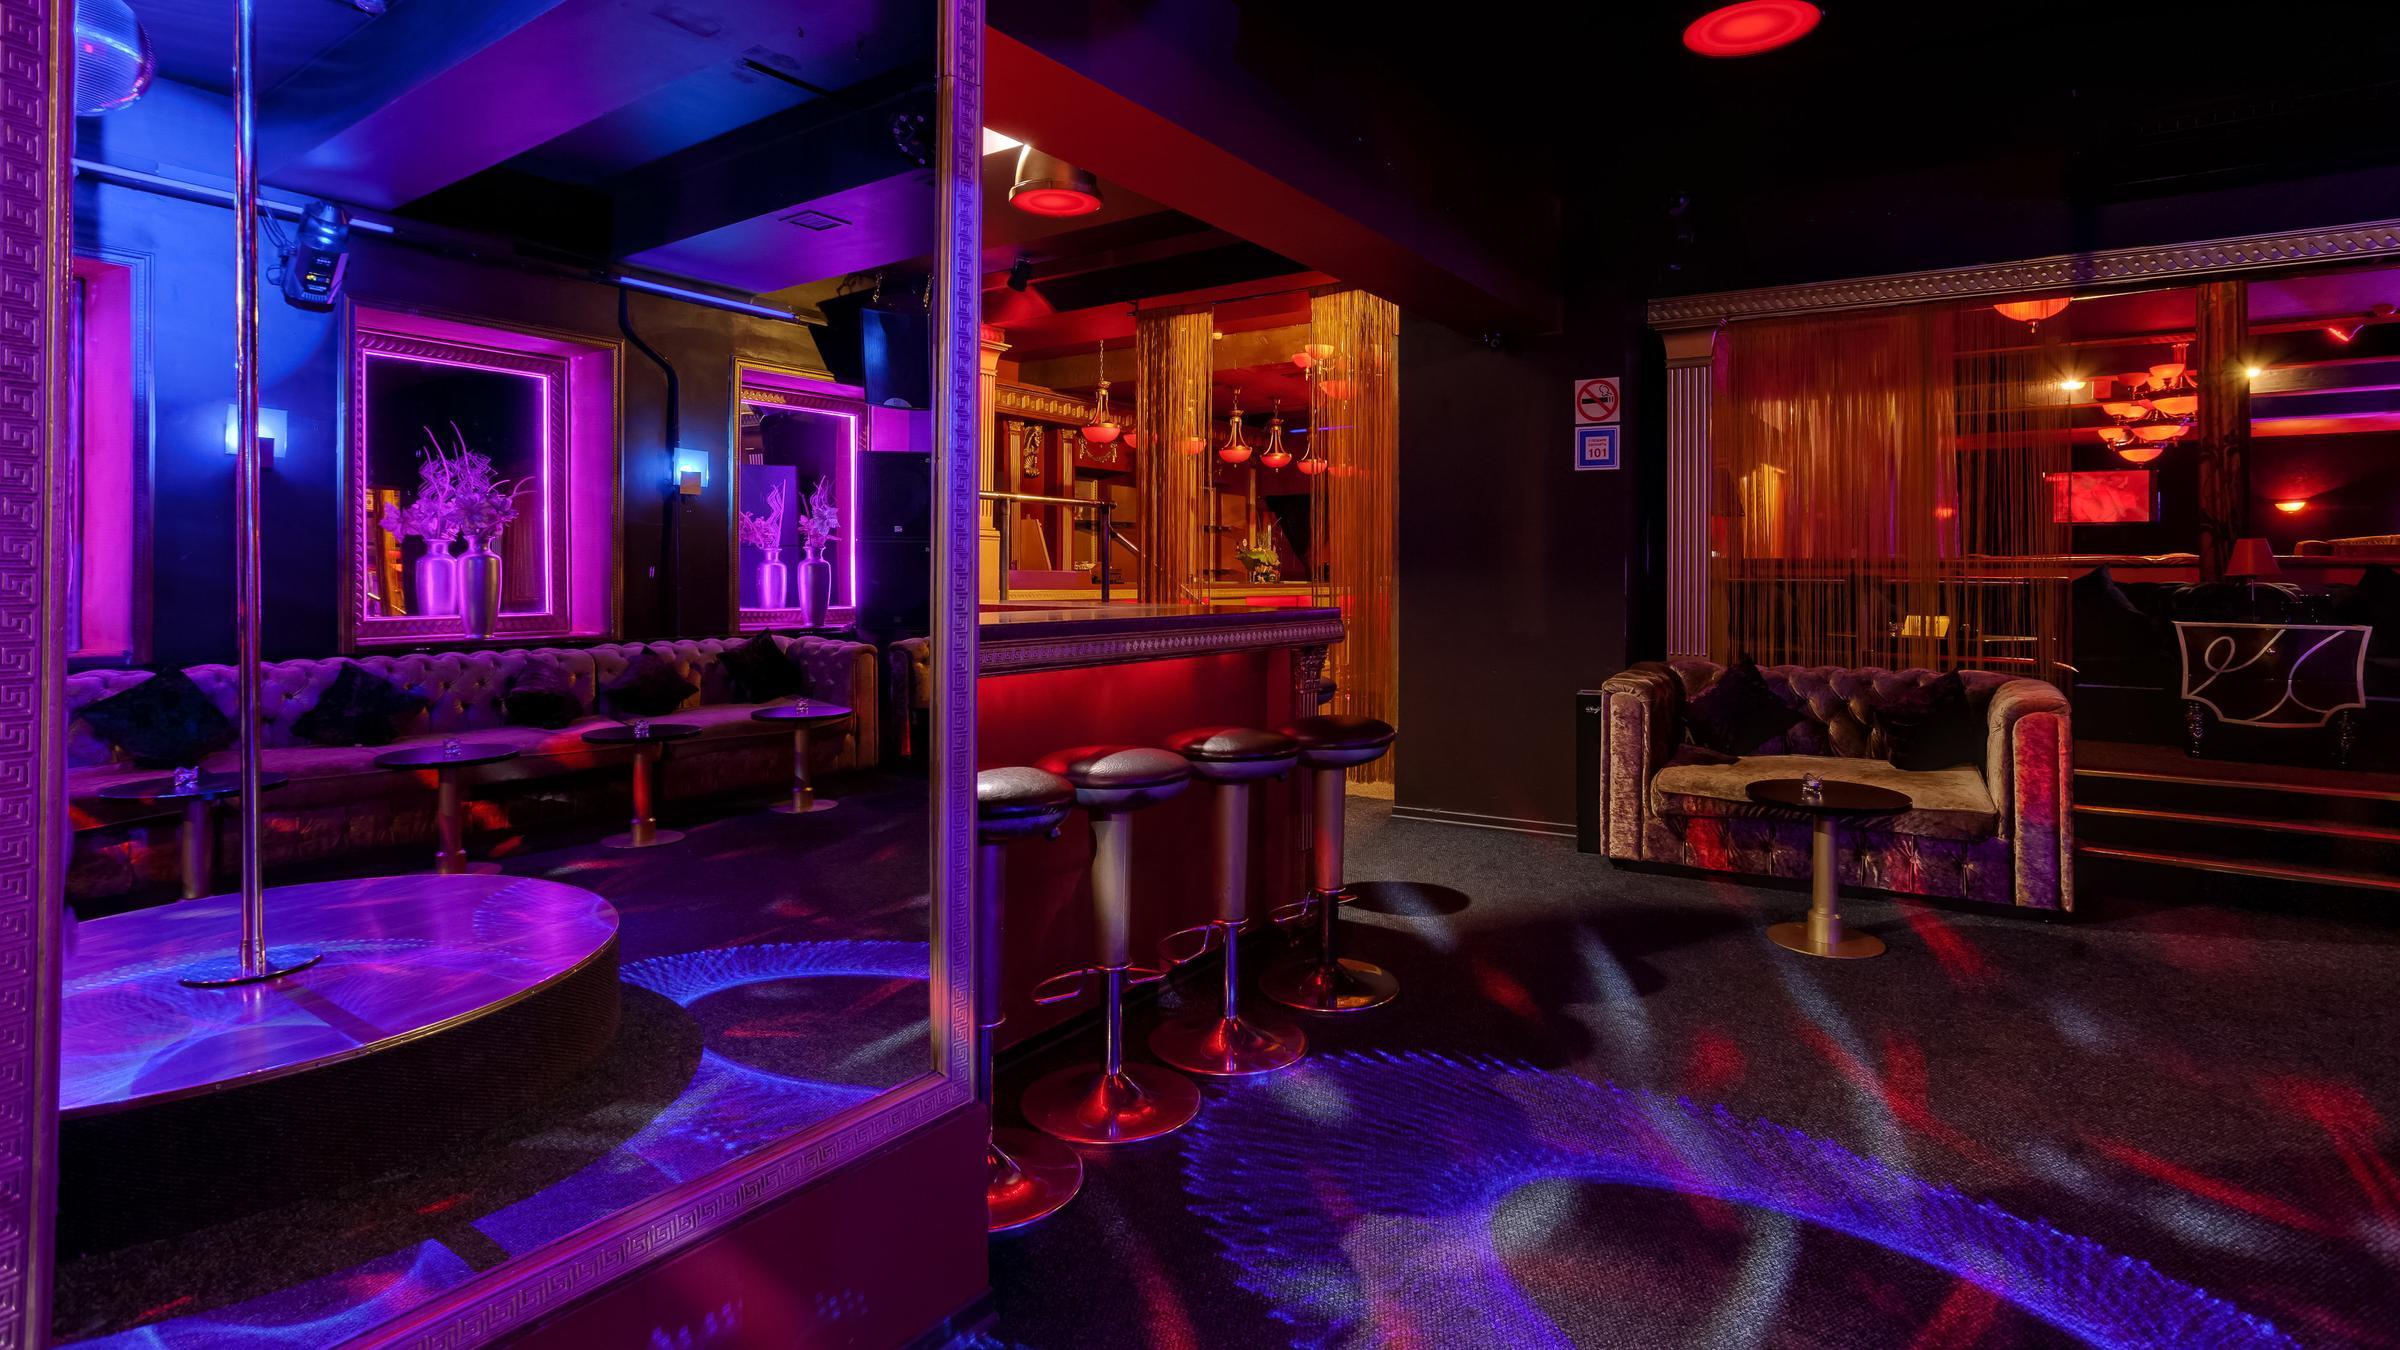 Адрес клуба москва на звездной gipsy клуб москва вместимость зала